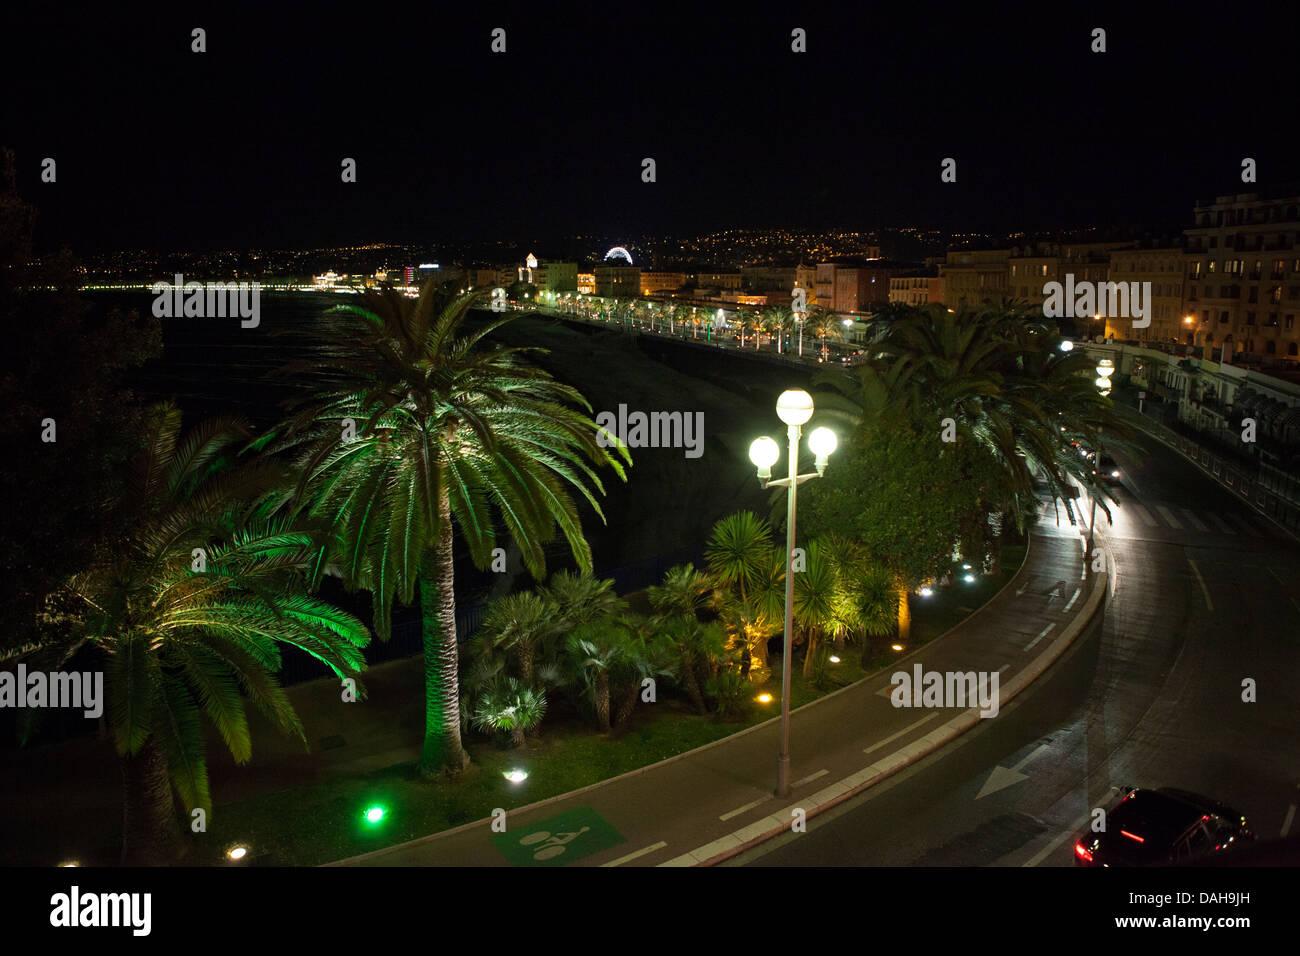 Spiaggia di notte forma sopra. Alberi di palma. Promenade des Anglais, Nice, Francia. Immagini Stock